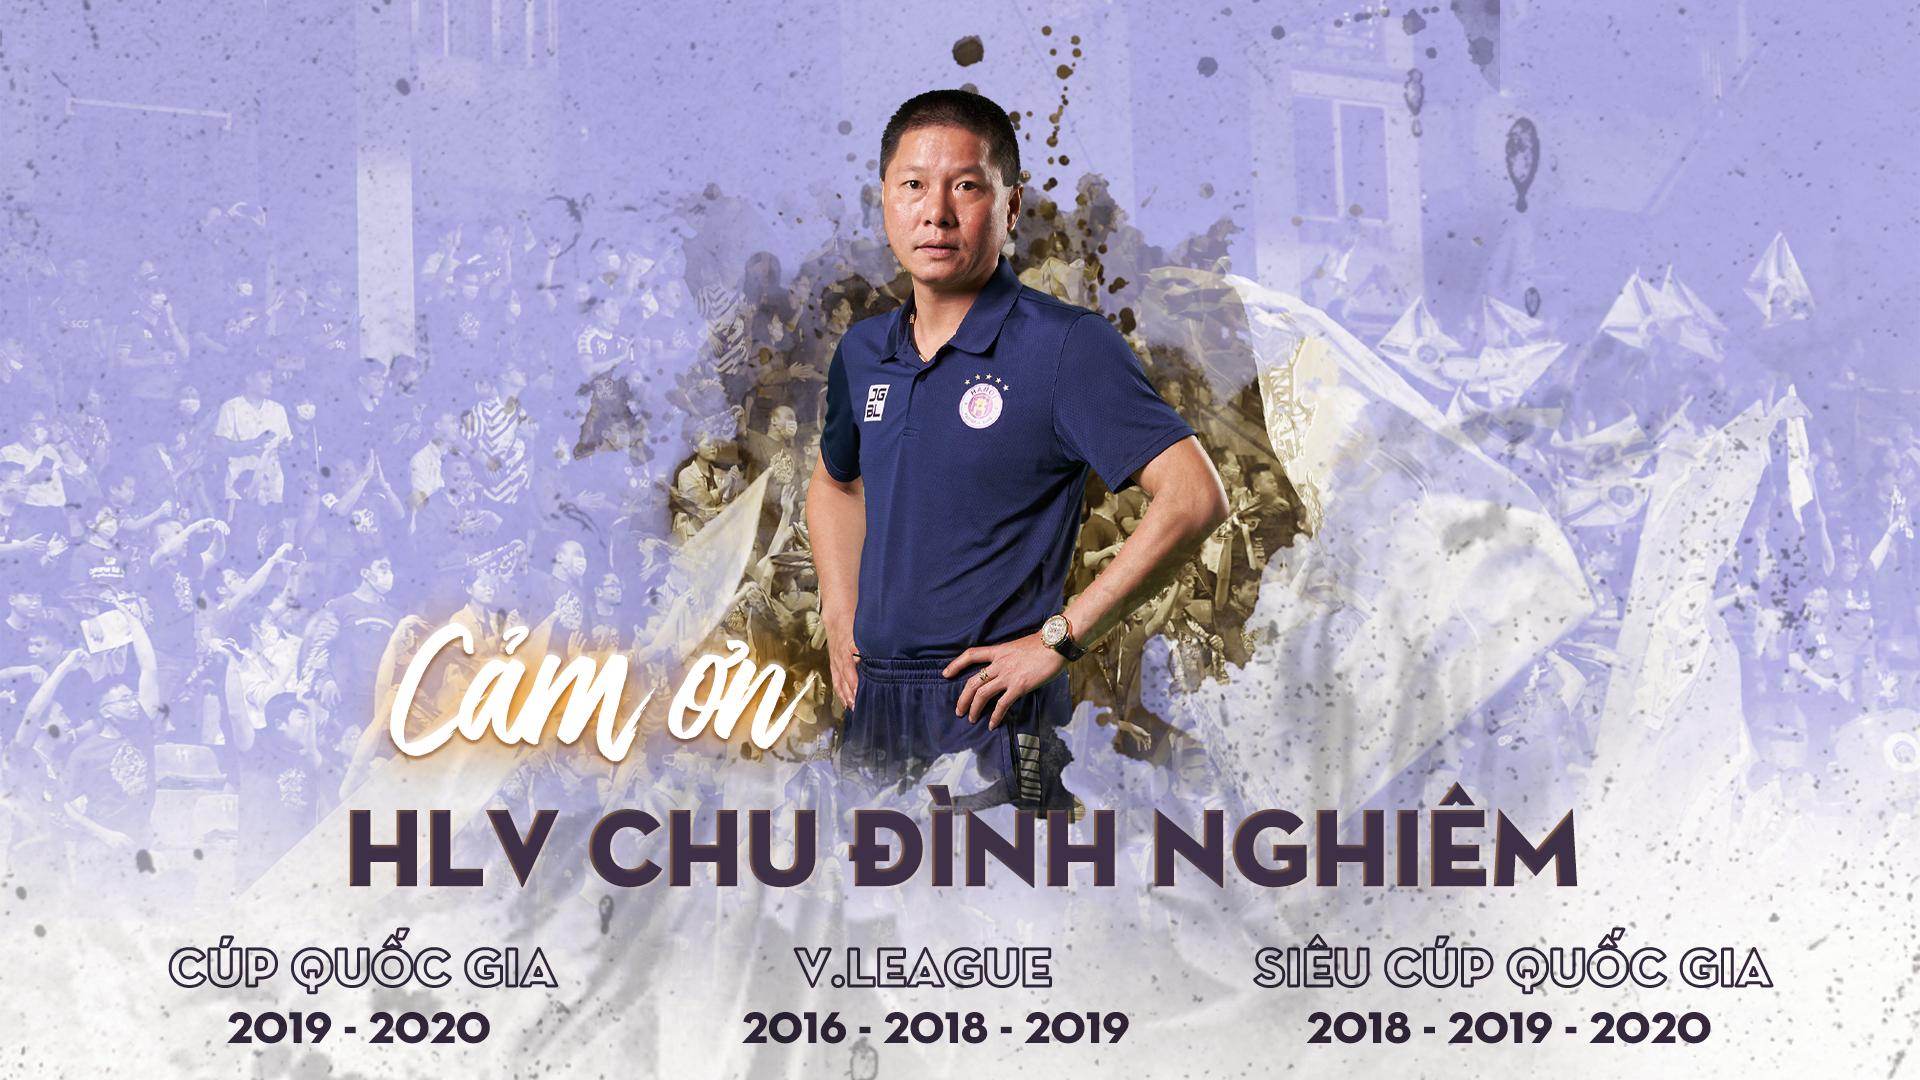 Vì sao HLV Chu Đình Nghiêm thuộc nhóm ghét nhất V.League? - Ảnh 1.